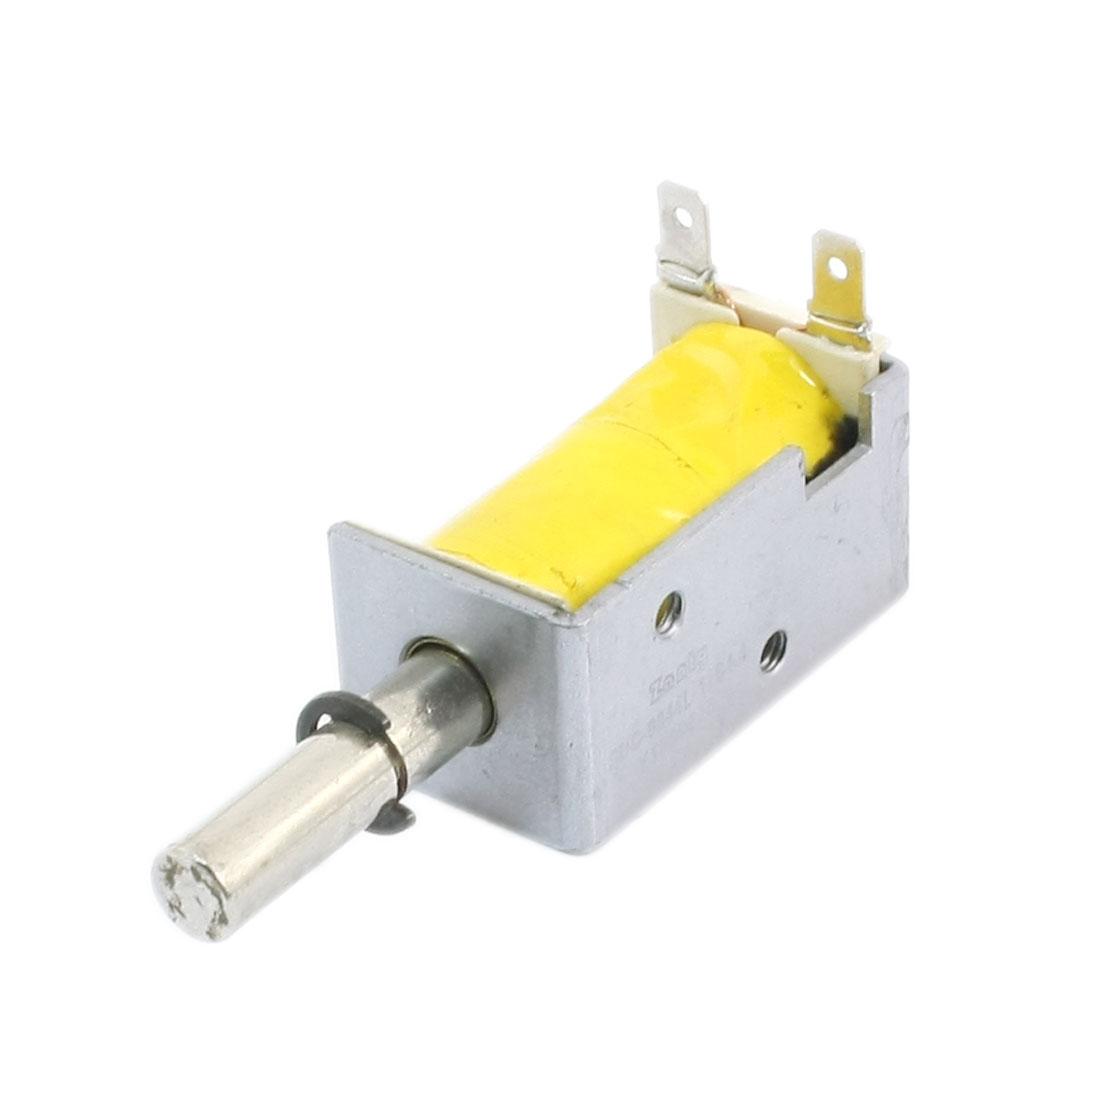 12V 5mm 1000g Pull Type Open Frame Linear Solenoid Electromagnet